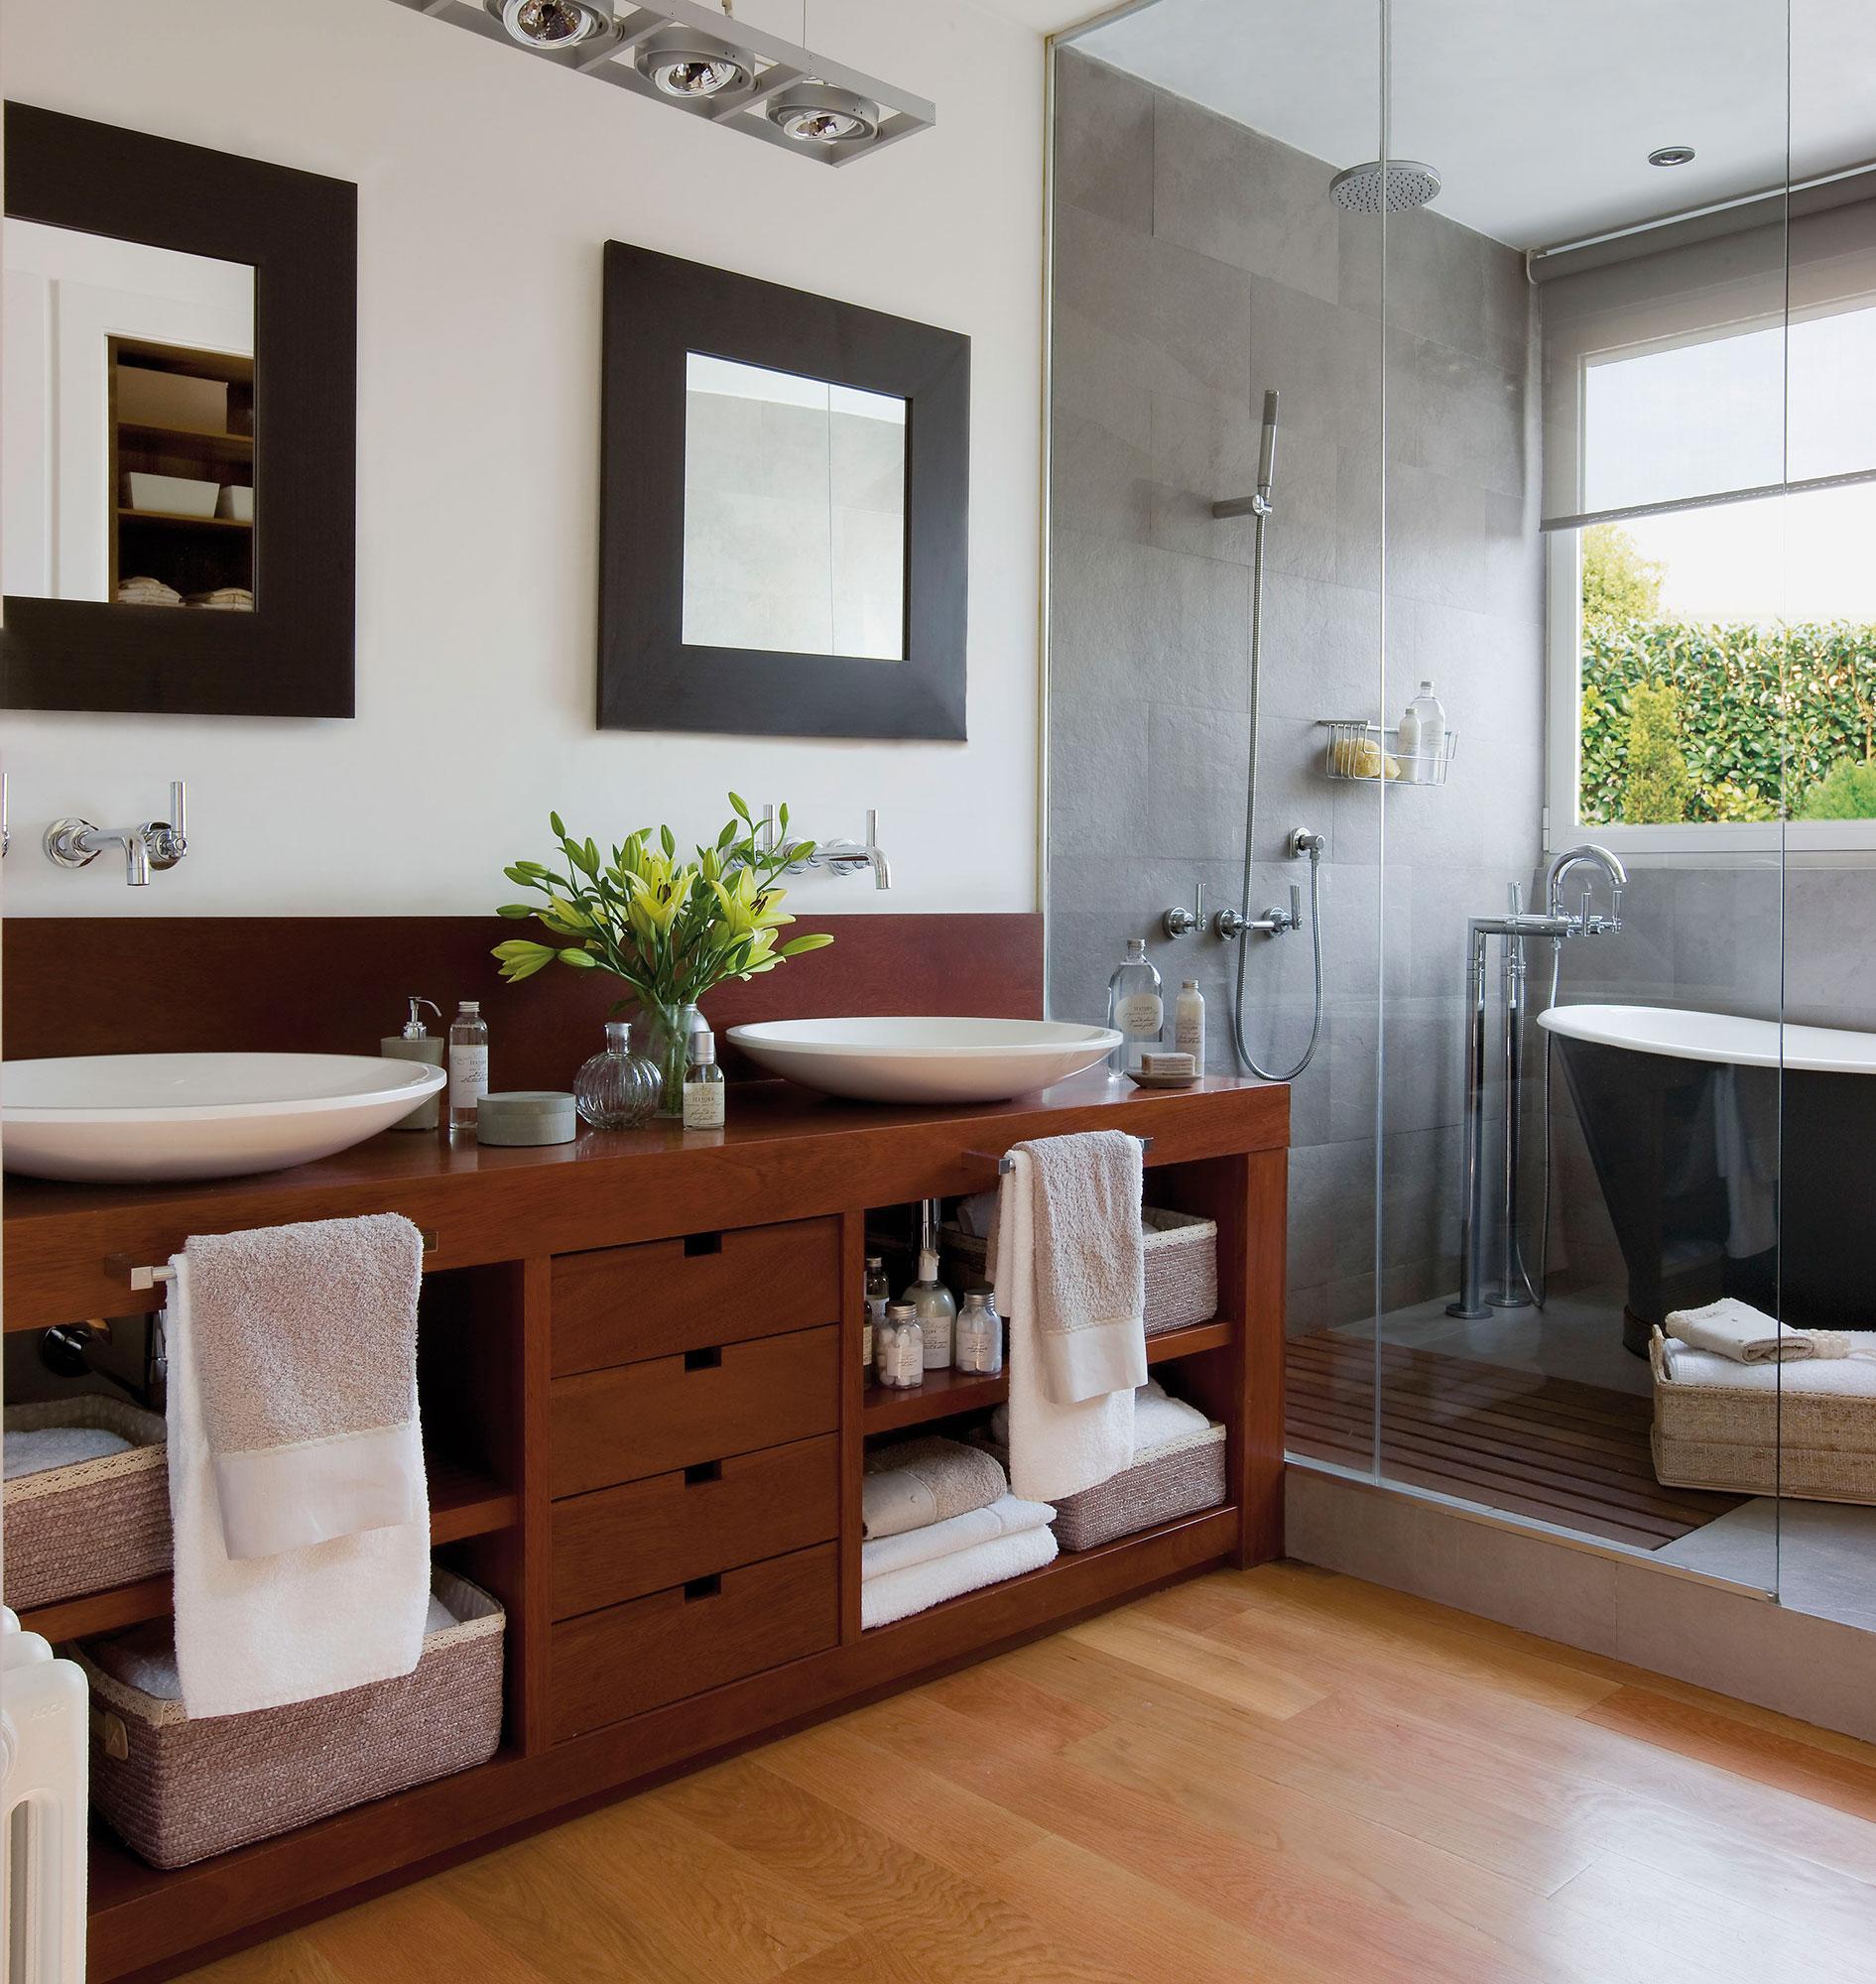 Ba os con ducha pr cticos y ecol gicos - Banos con duchas fotos ...